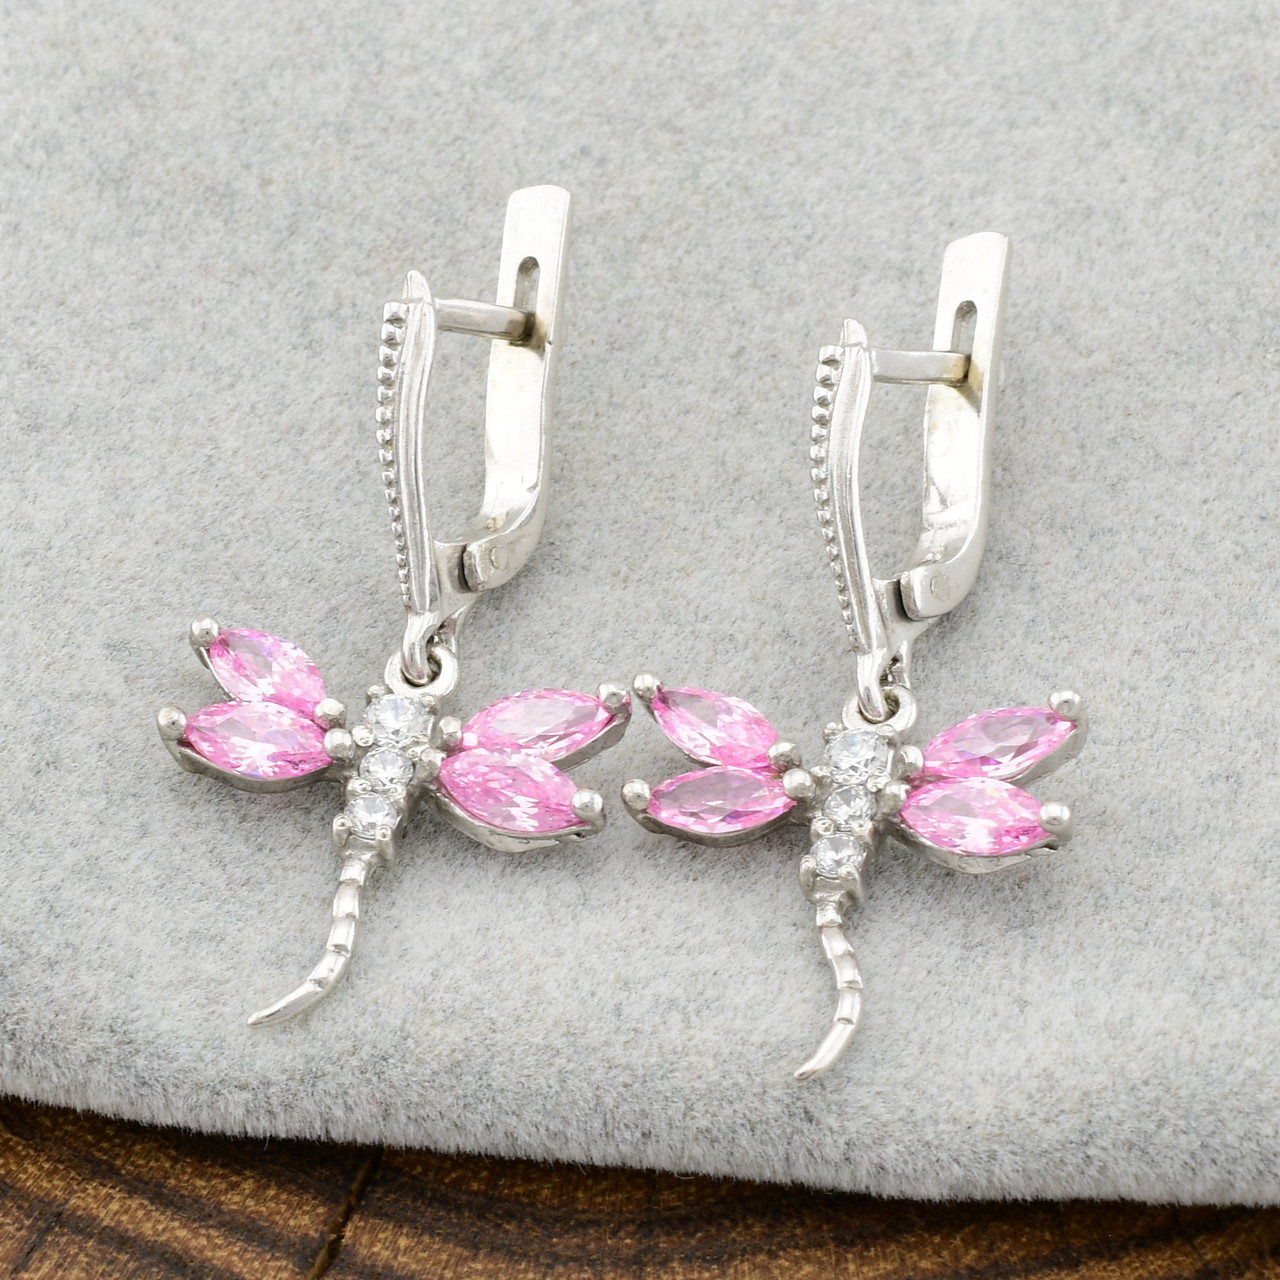 Серебряные серьги Стрекоза размер 32х17 мм розовые фианиты вес 4.6 г